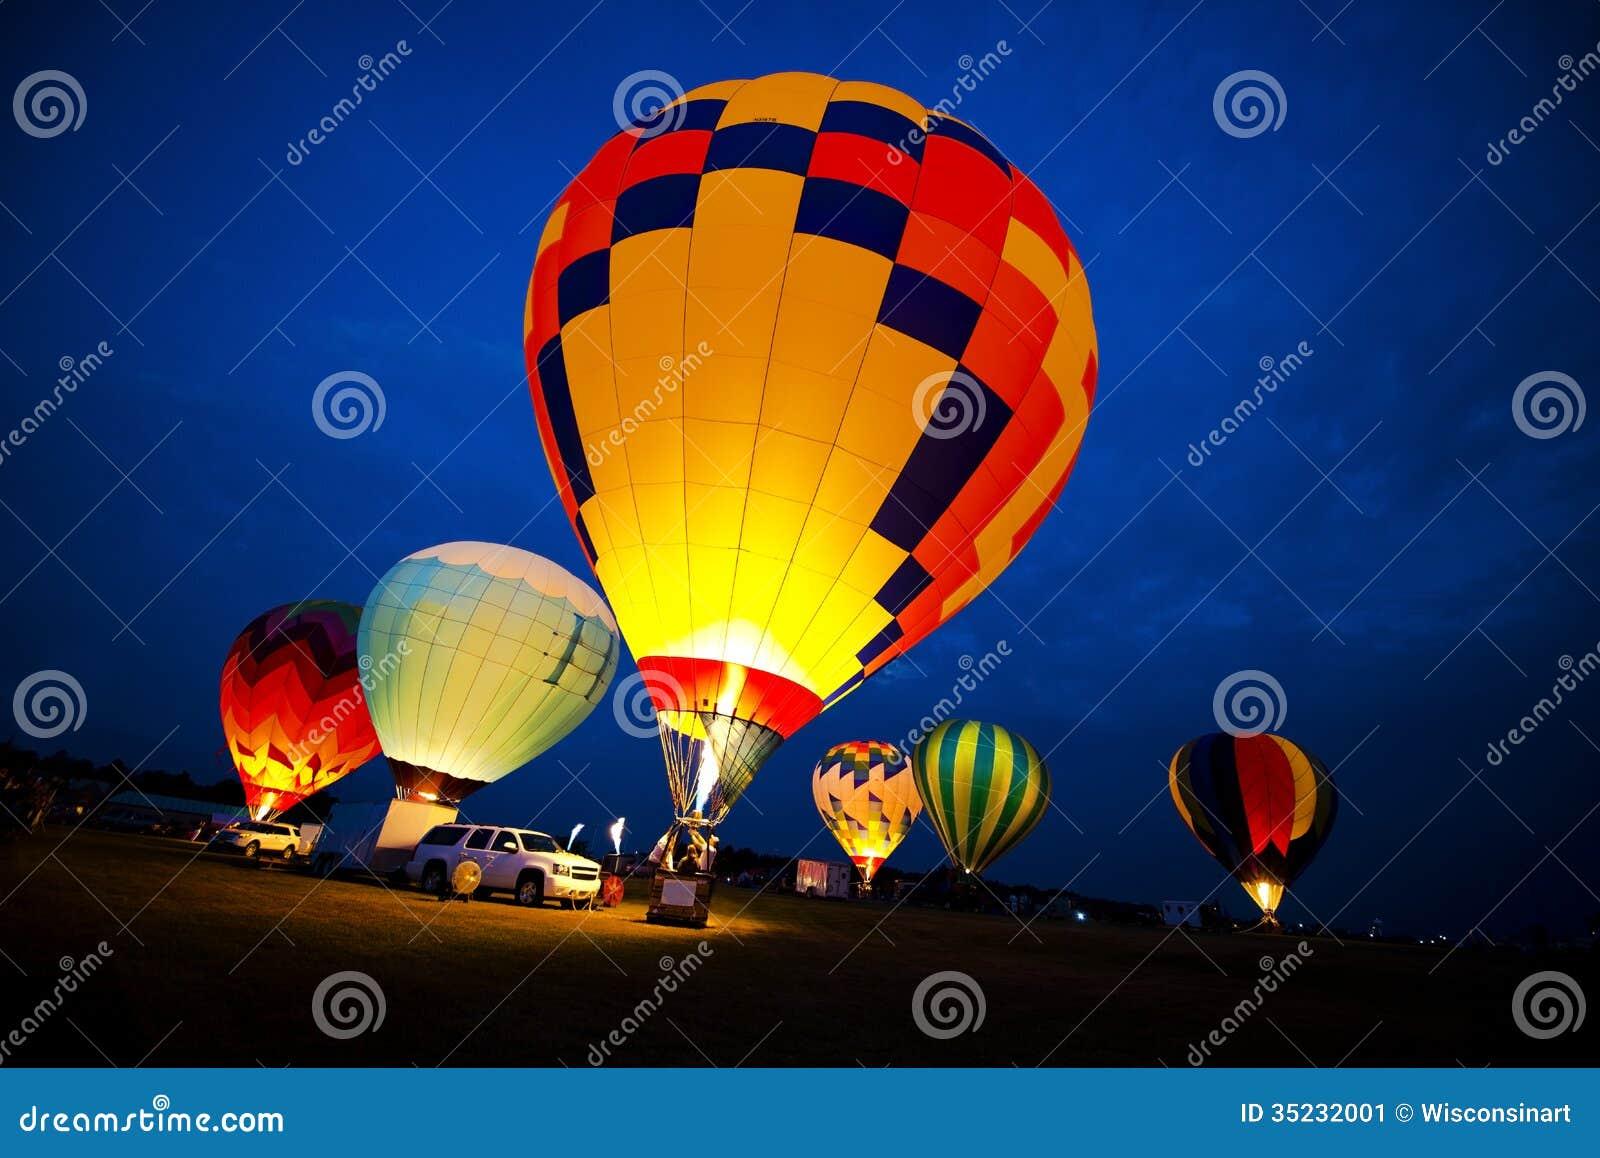 Τα χρώματα μπαλονιών ζεστού αέρα, που εξισώνουν το φως πυράκτωσης νύχτας παρουσιάζουν